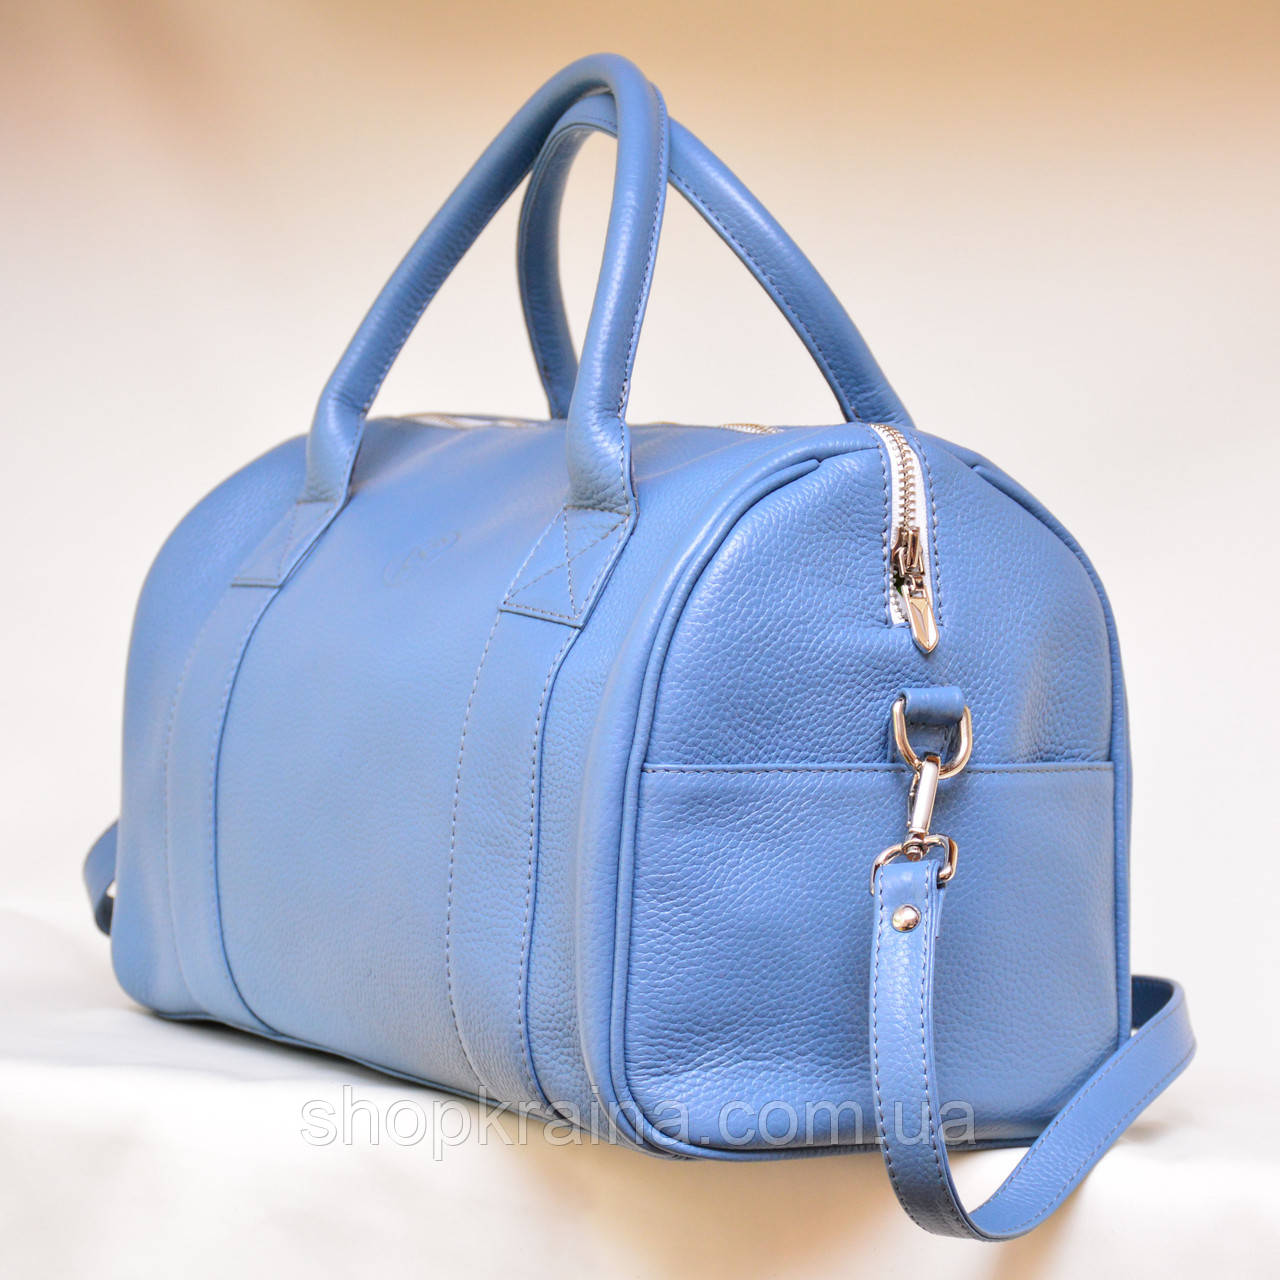 Кожаная сумка VS83  blue 33х21х19 см